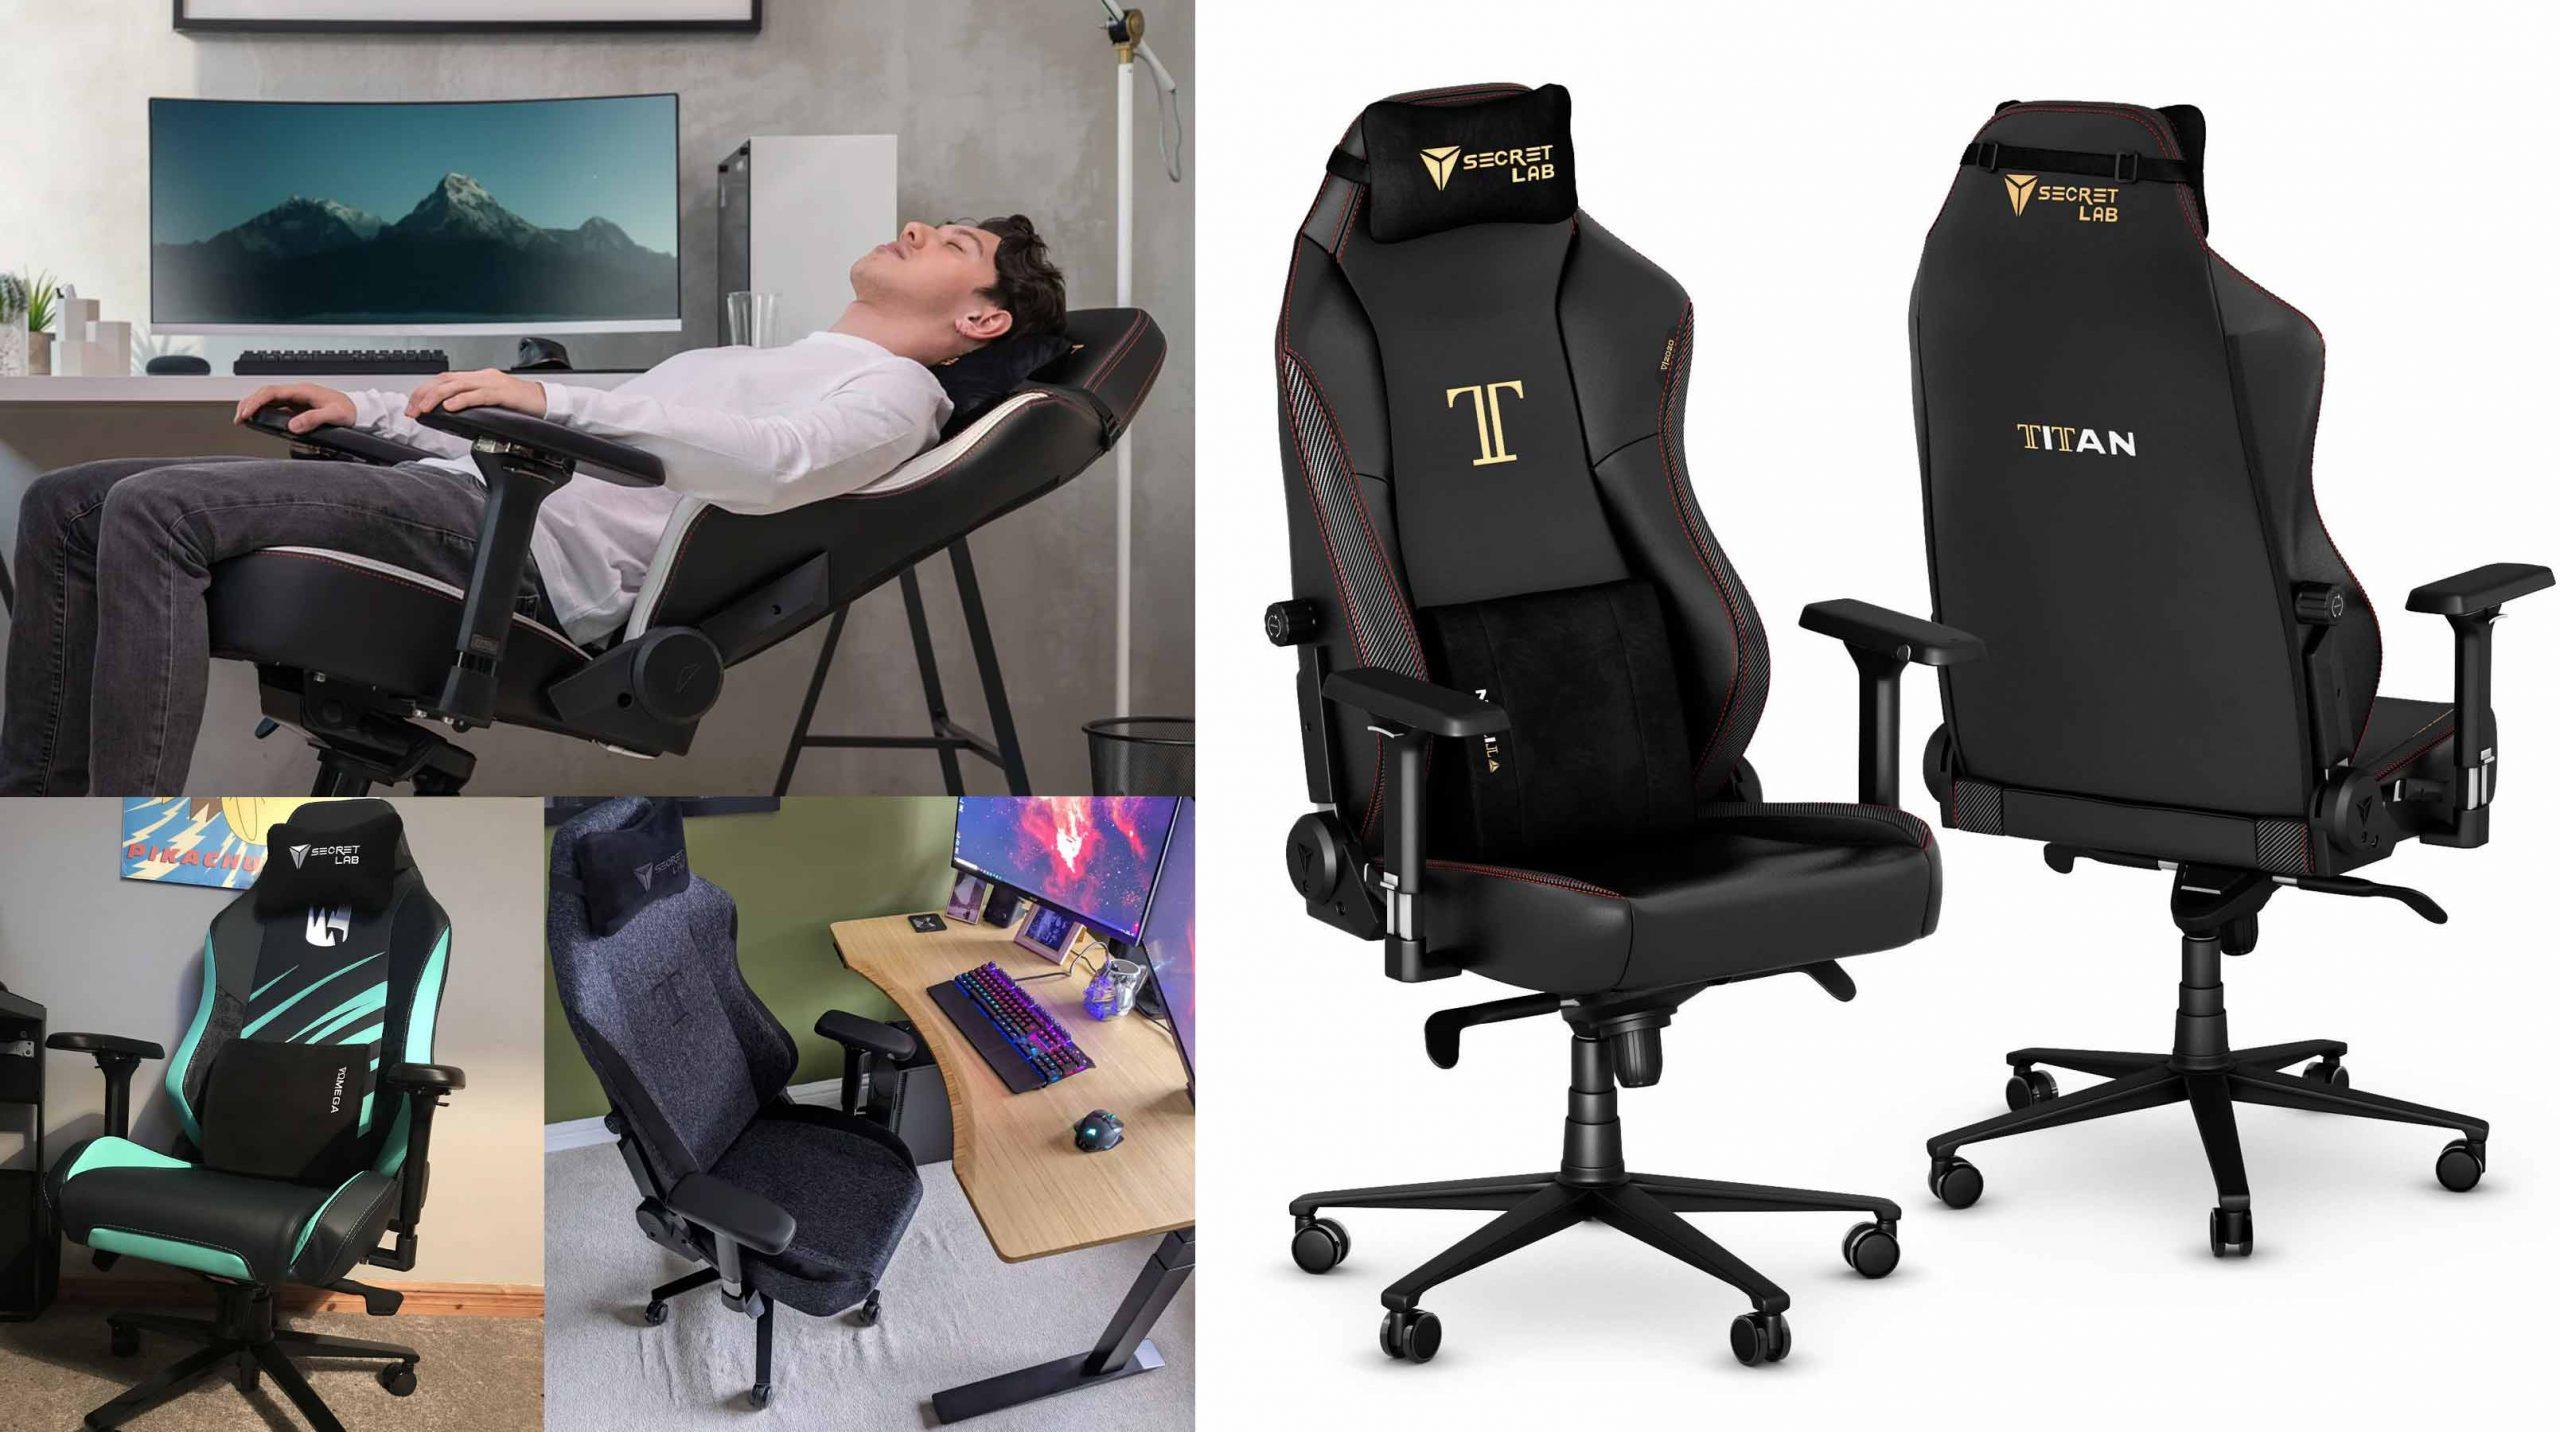 gaming chairs  - صندلی های بازی - secretlab titan gaming chair - تاریخچه-و-کاربرد-صندلی-های-گیمینگ-صندلی-گیمینگ-صندلی-بازی-secret-lab